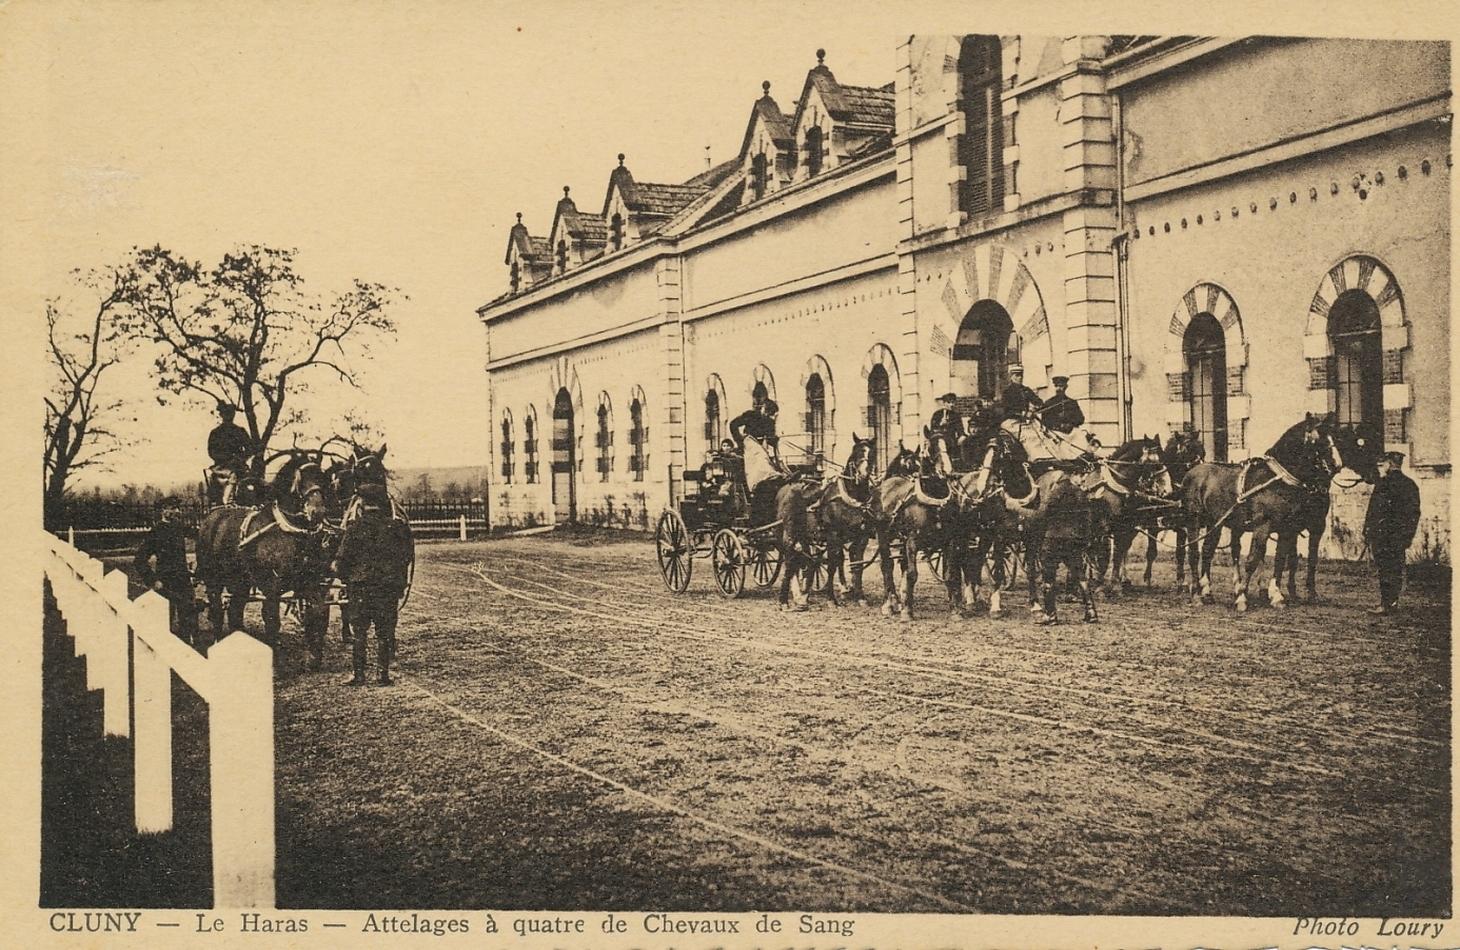 Cluny - Cluny. Le haras. Attelages à quatre de chevaux de sang.